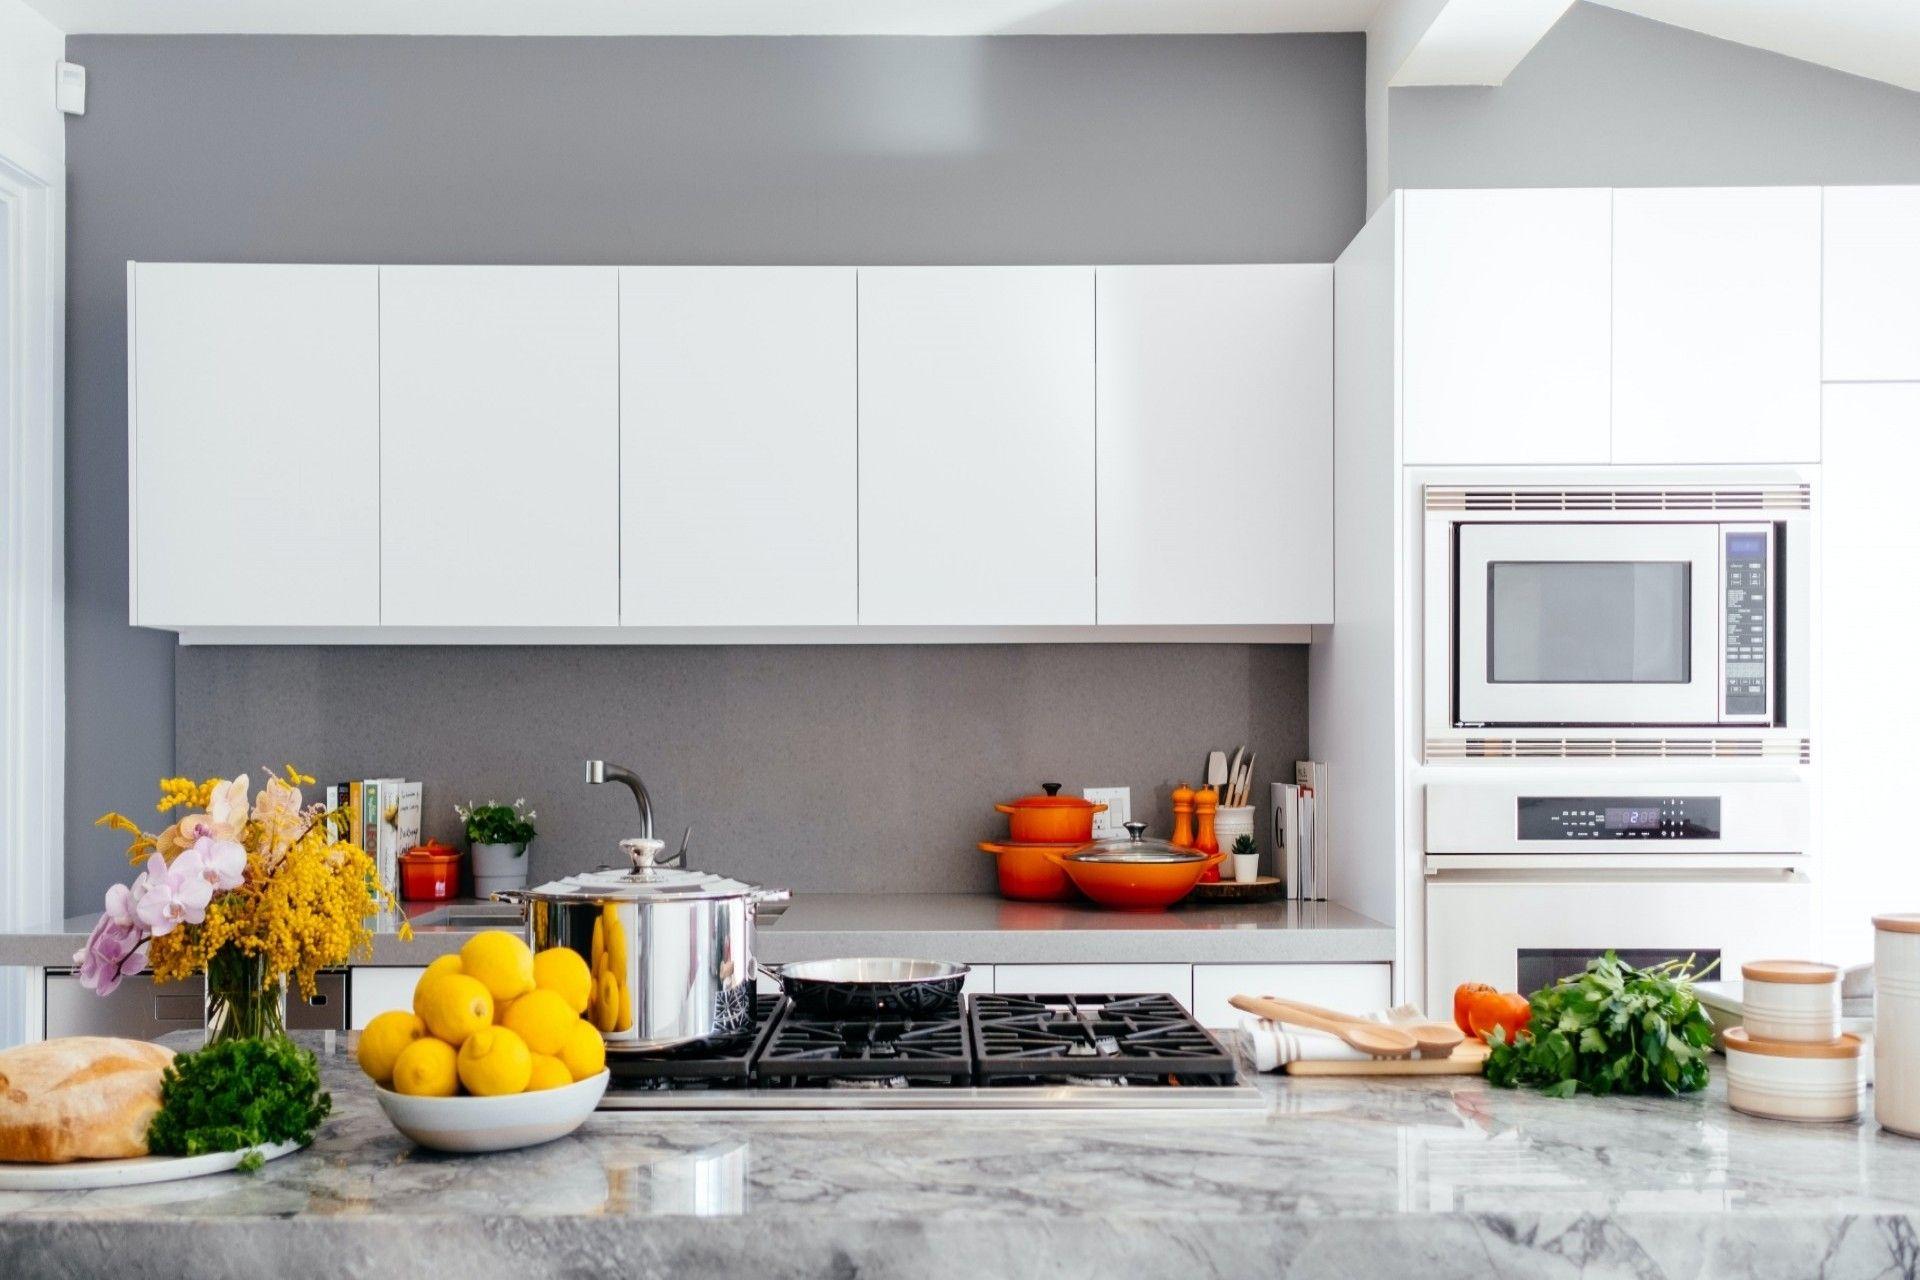 Affordable Kitchen Remodelling Las Vegas In 2020 Kitchen Cabinets Kitchen Remodeling Contractors Modern Kitchen Design